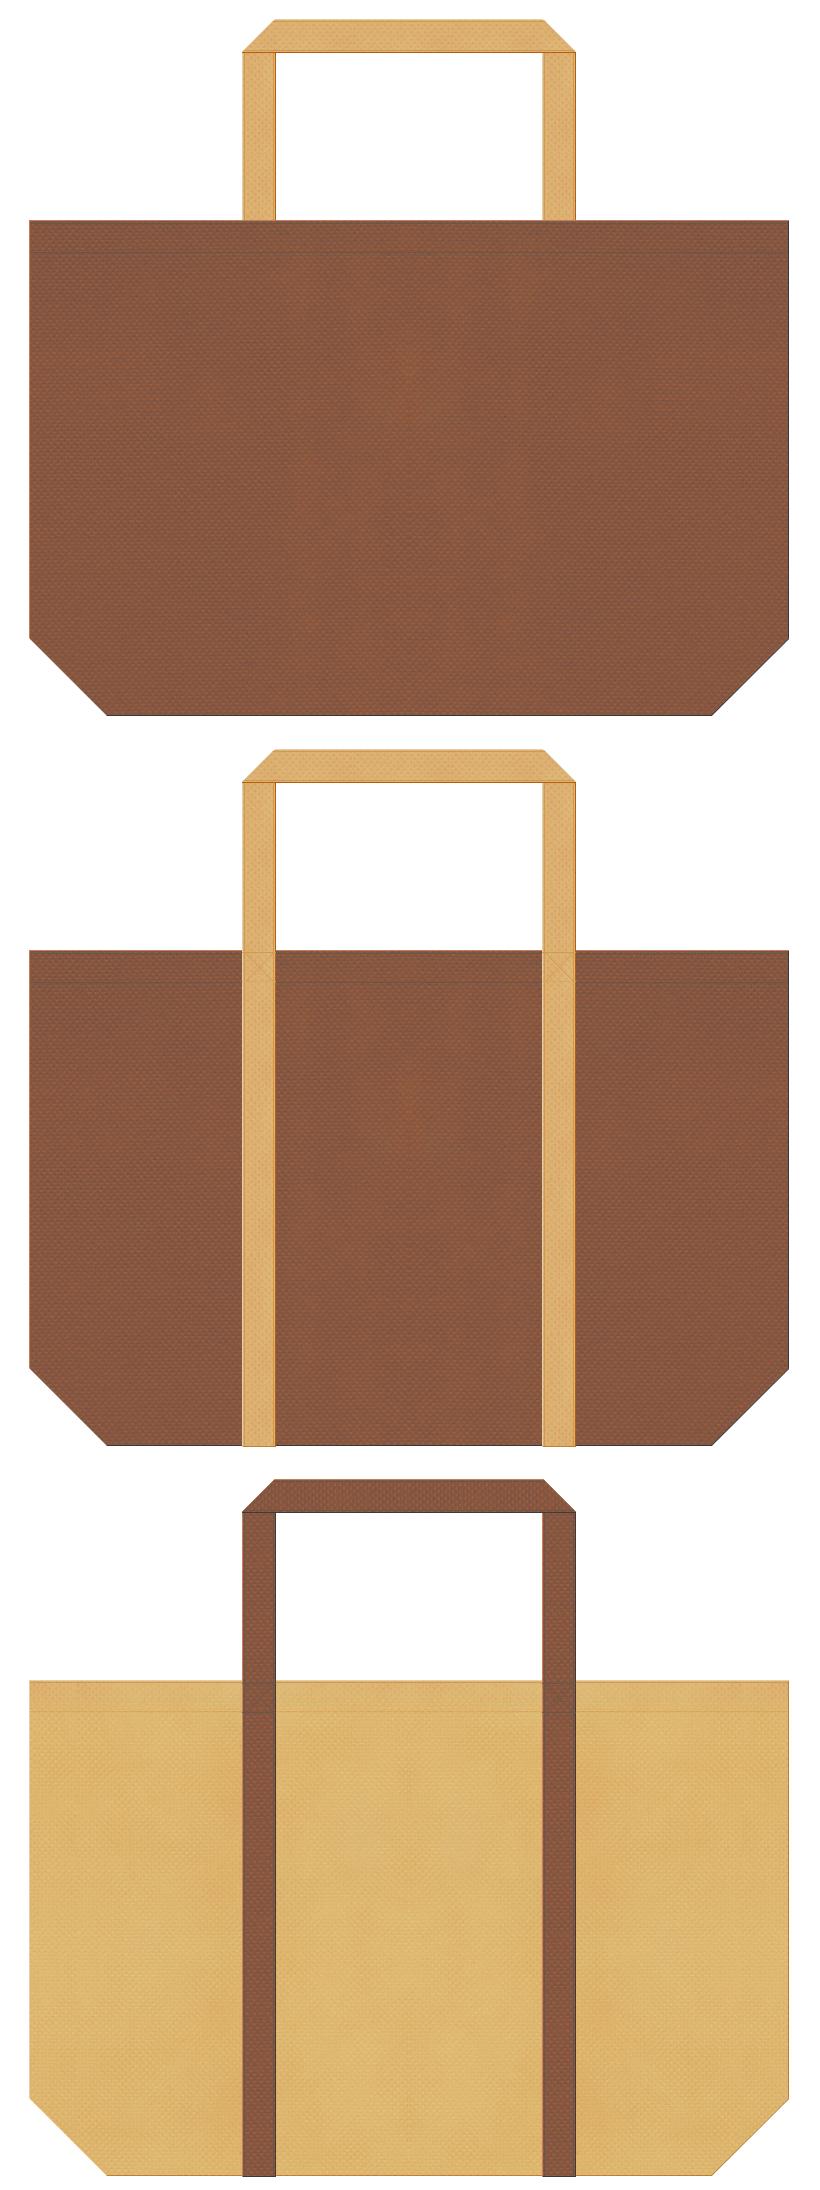 茶色と薄黄土色の不織布バッグデザイン。ベーカリーショップのショッピングバッグにお奨めです。ピーナツバター風。